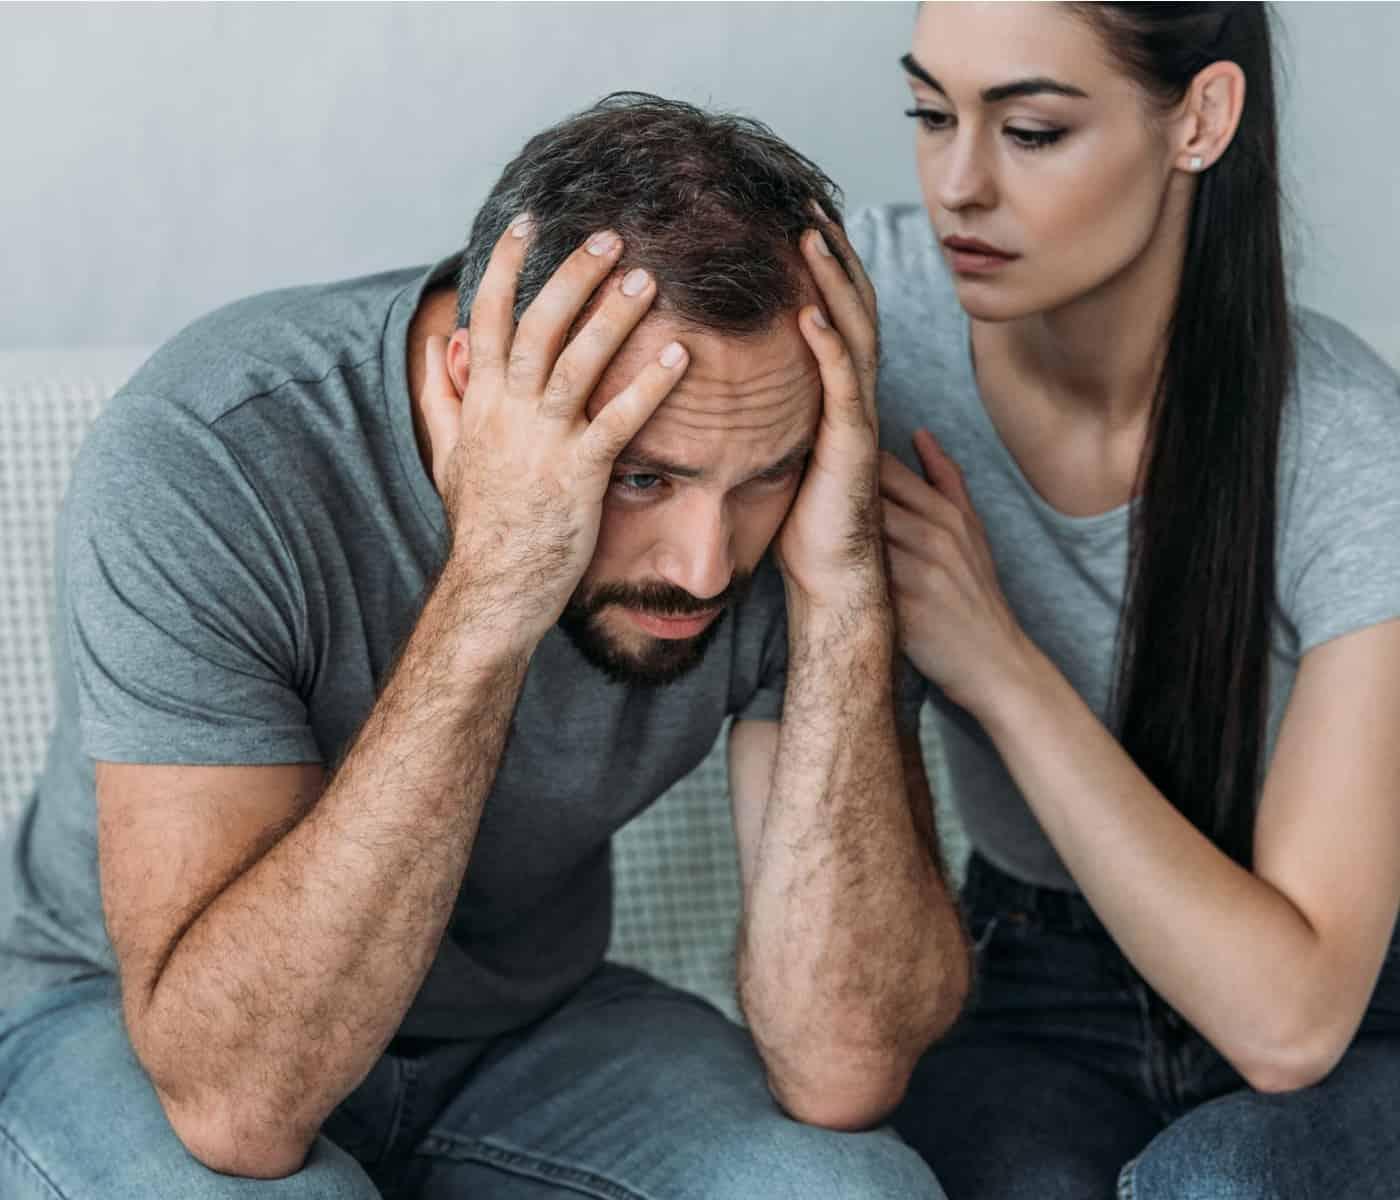 Czy można się pochorować ze stresu? Dowiedz się, jaki wpływ na organizm ma stres